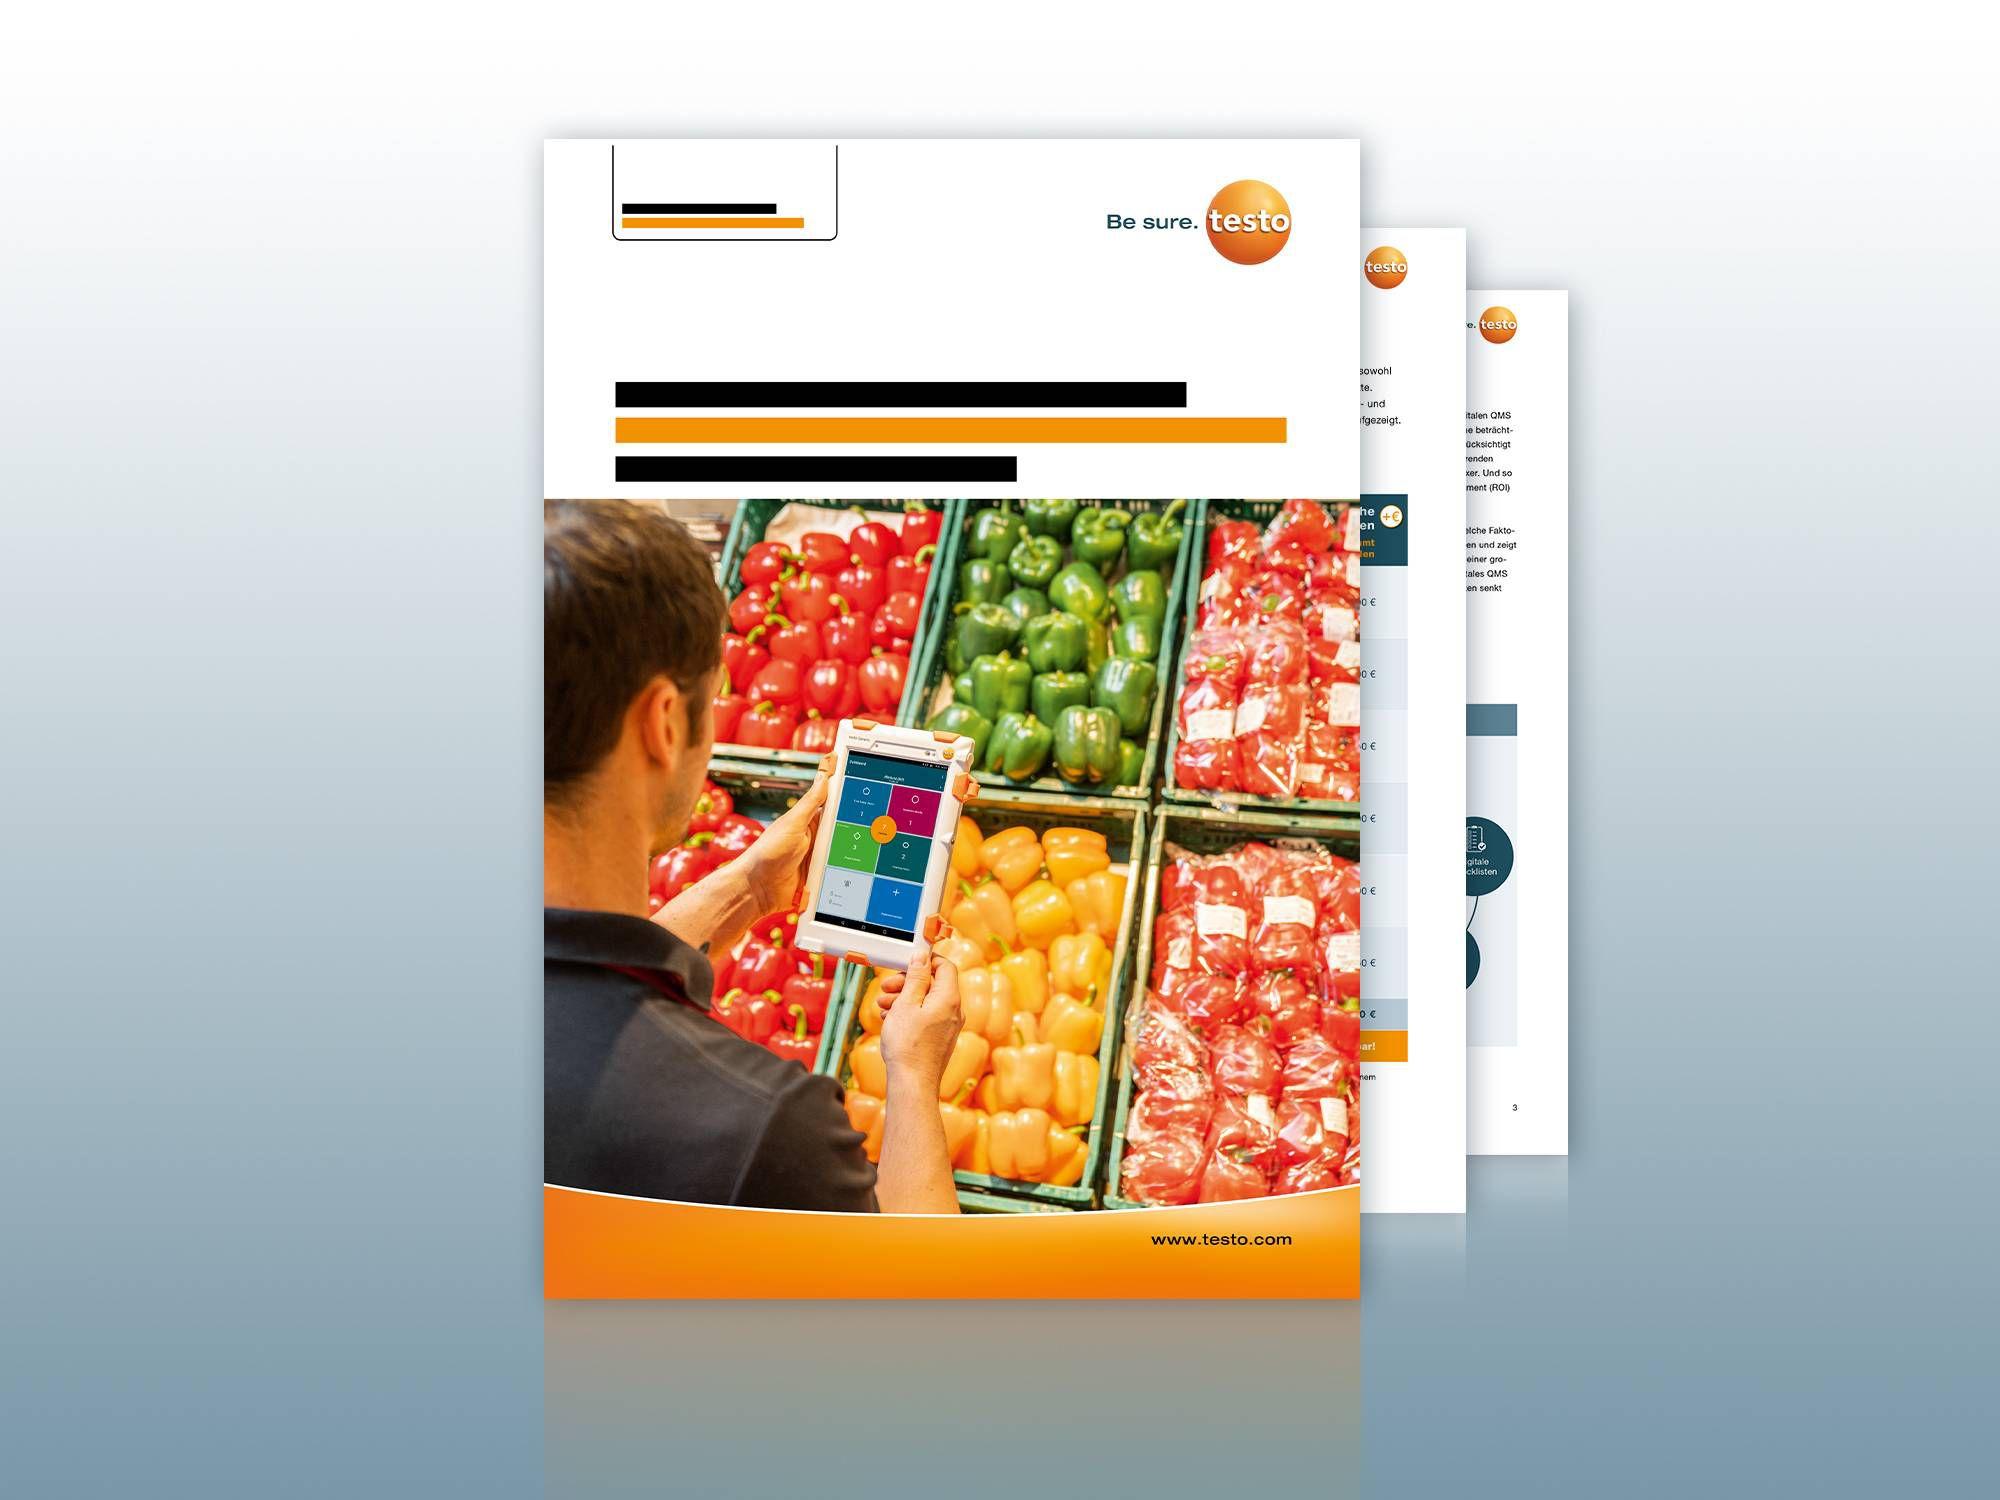 testo德图食品安全ROI白皮书下载